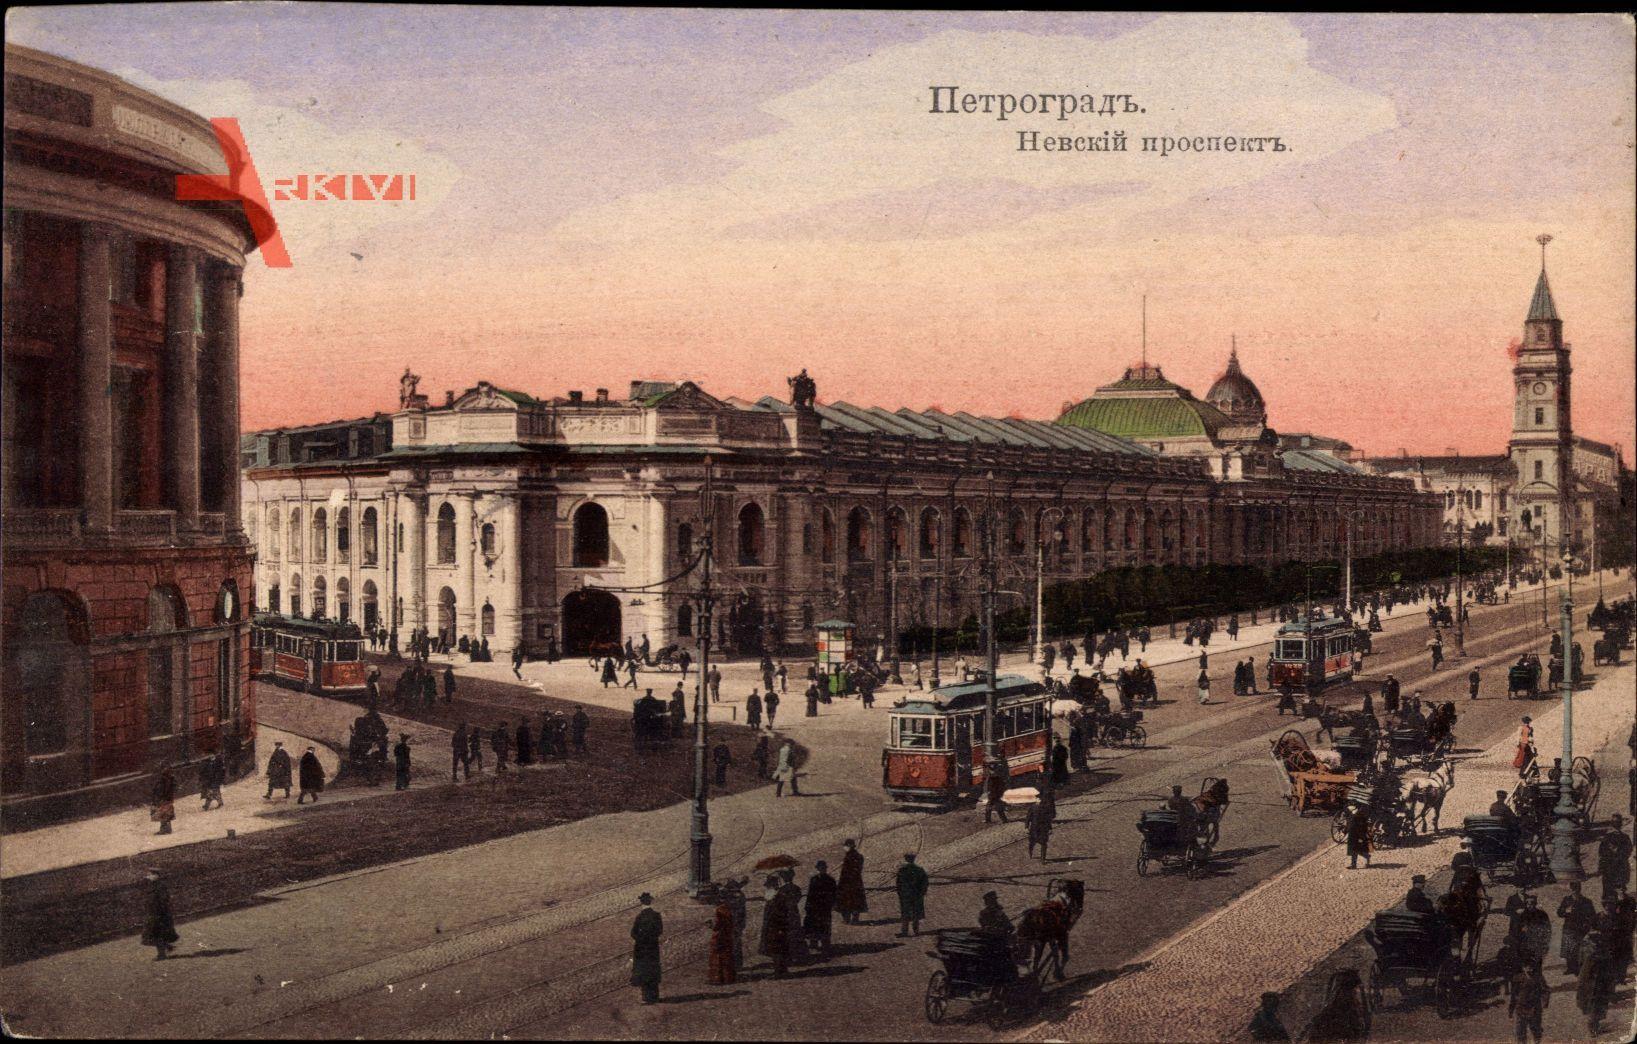 Sankt Petersburg Russland, Perspecticve de Newski, Straßenbahn, Kutschen